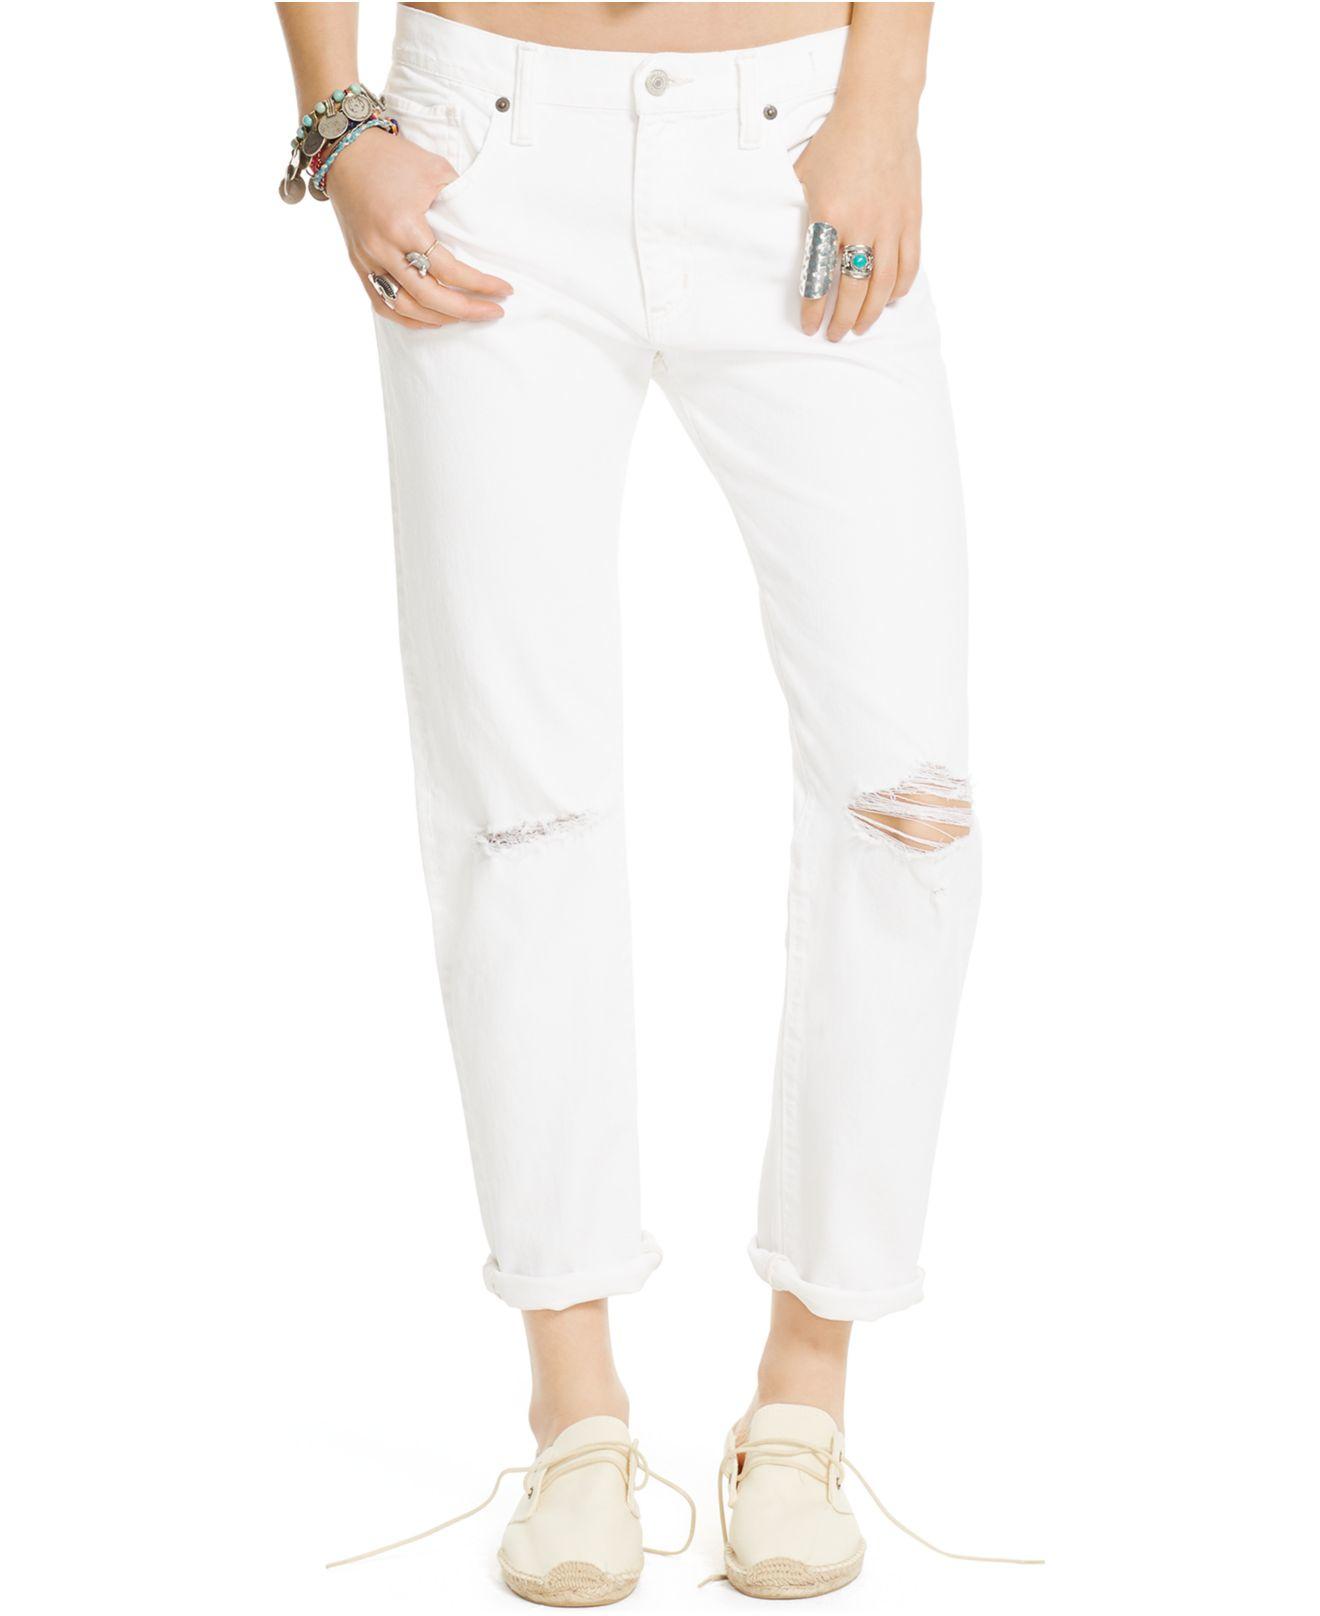 a831b5fb1 Denim & Supply Ralph Lauren Distressed Boyfriend Jeans in White - Lyst